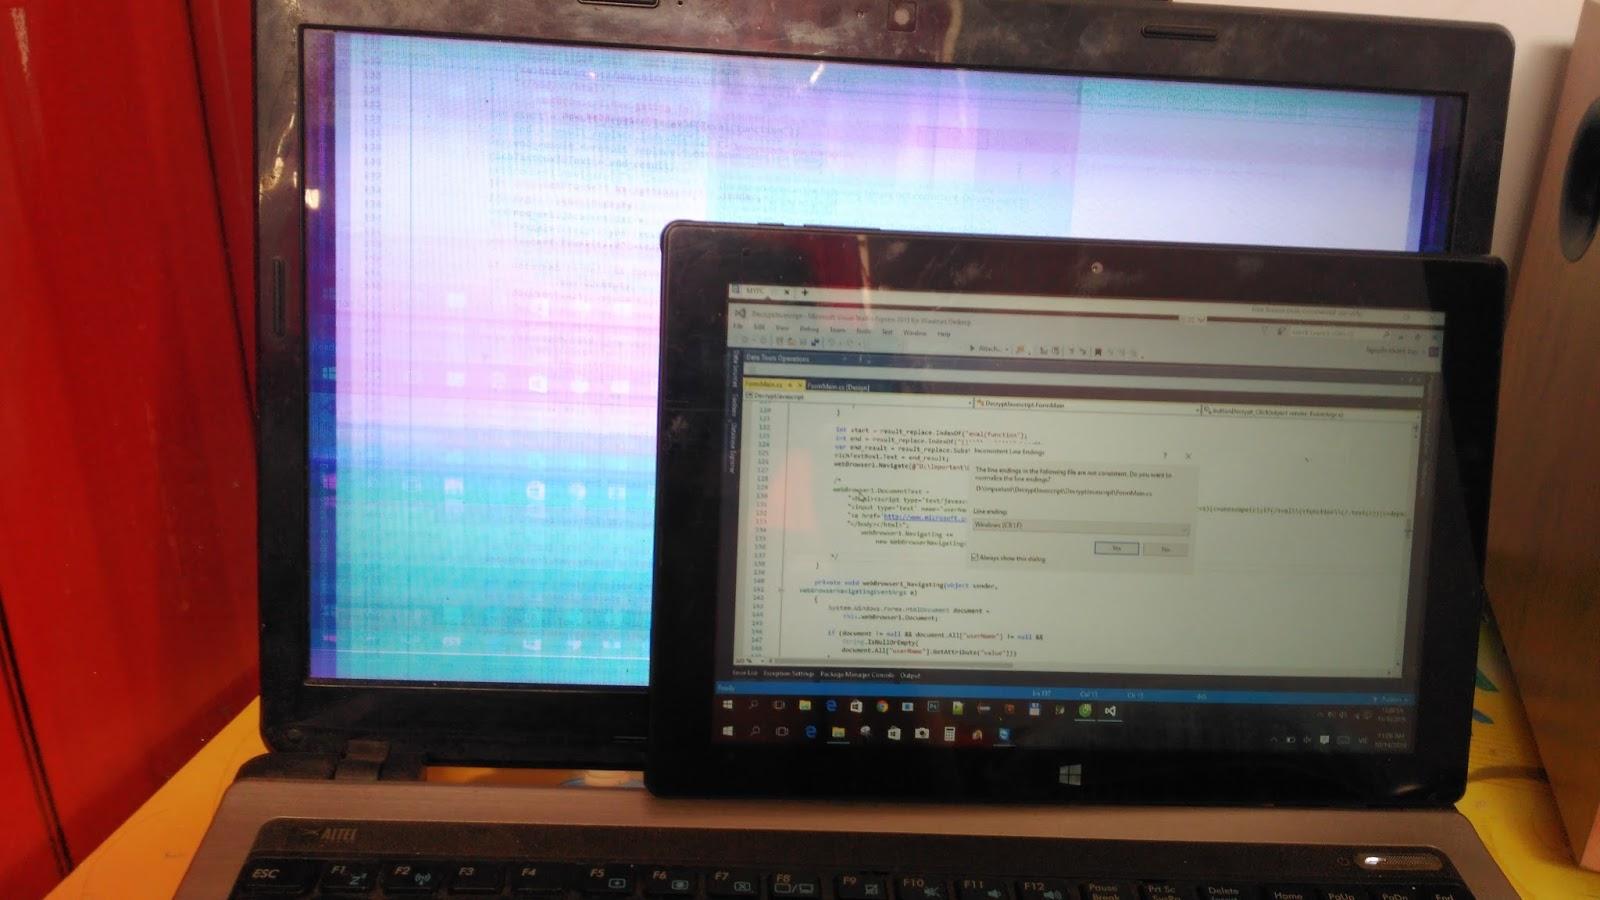 Khắc phục sự cố Laptop bị cháy chip VGA rời